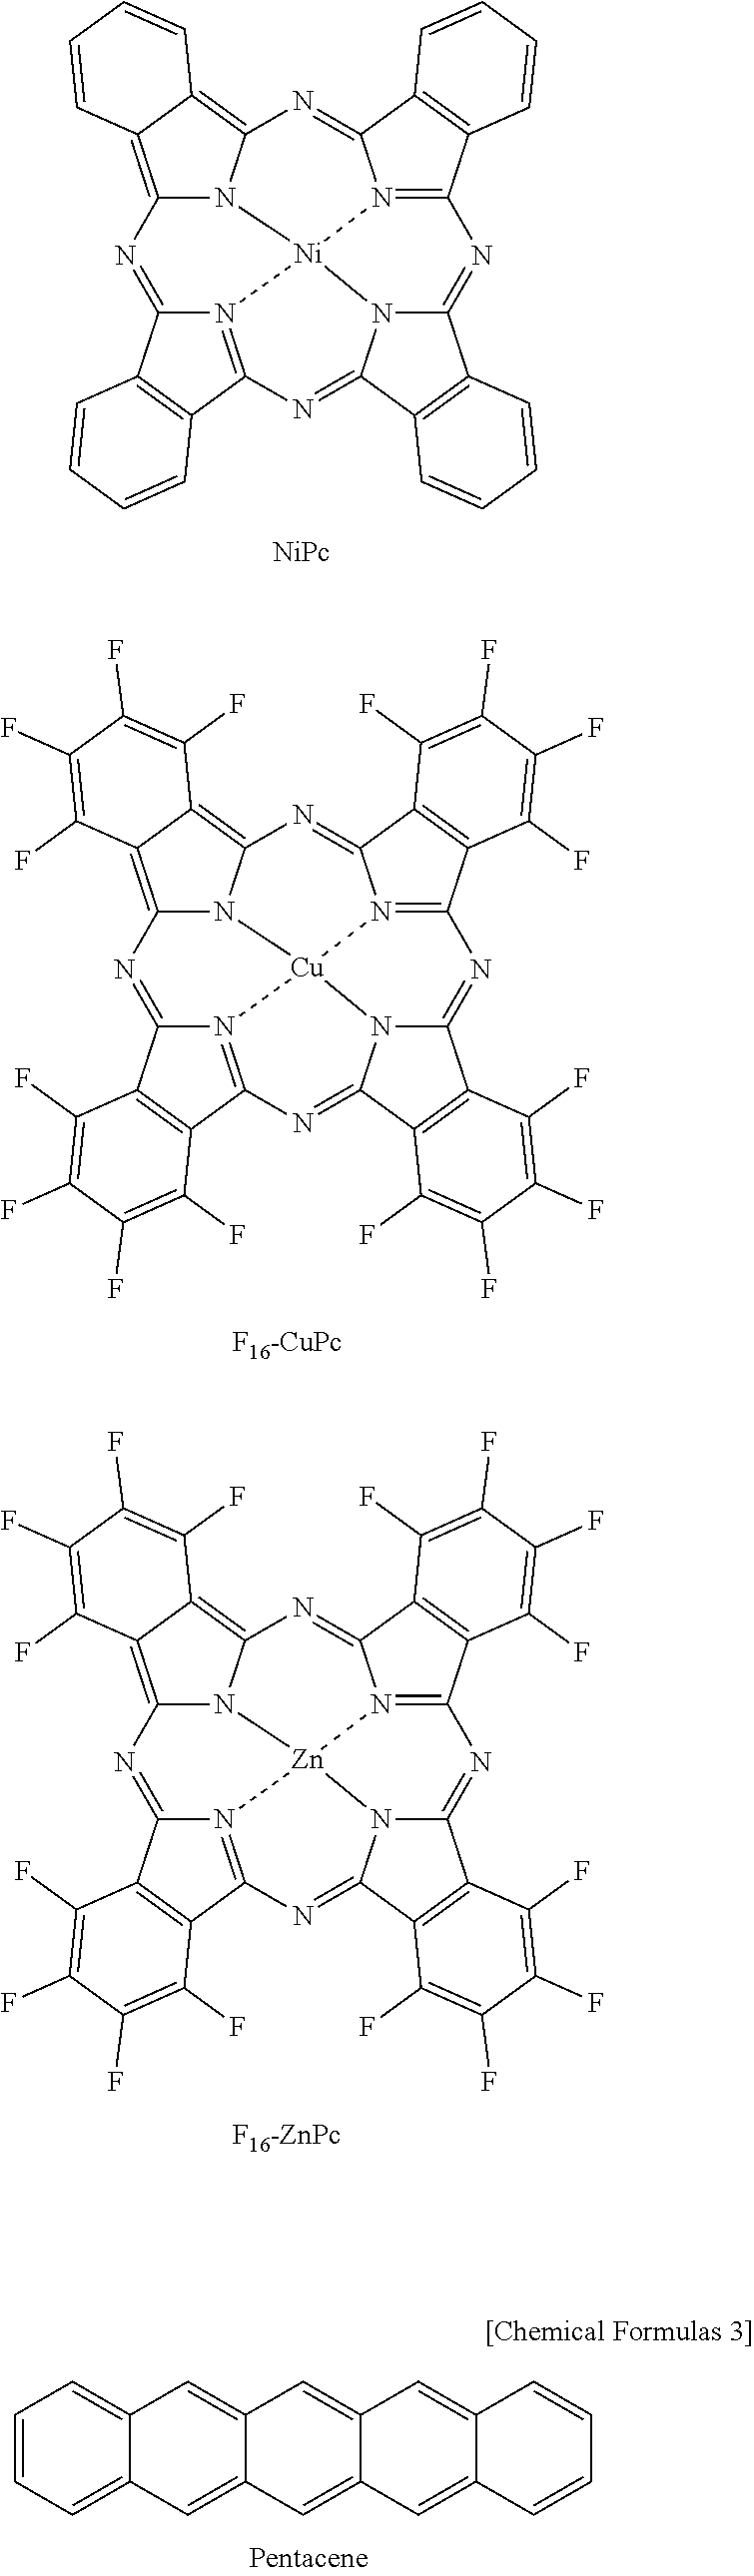 Figure US08742407-20140603-C00004